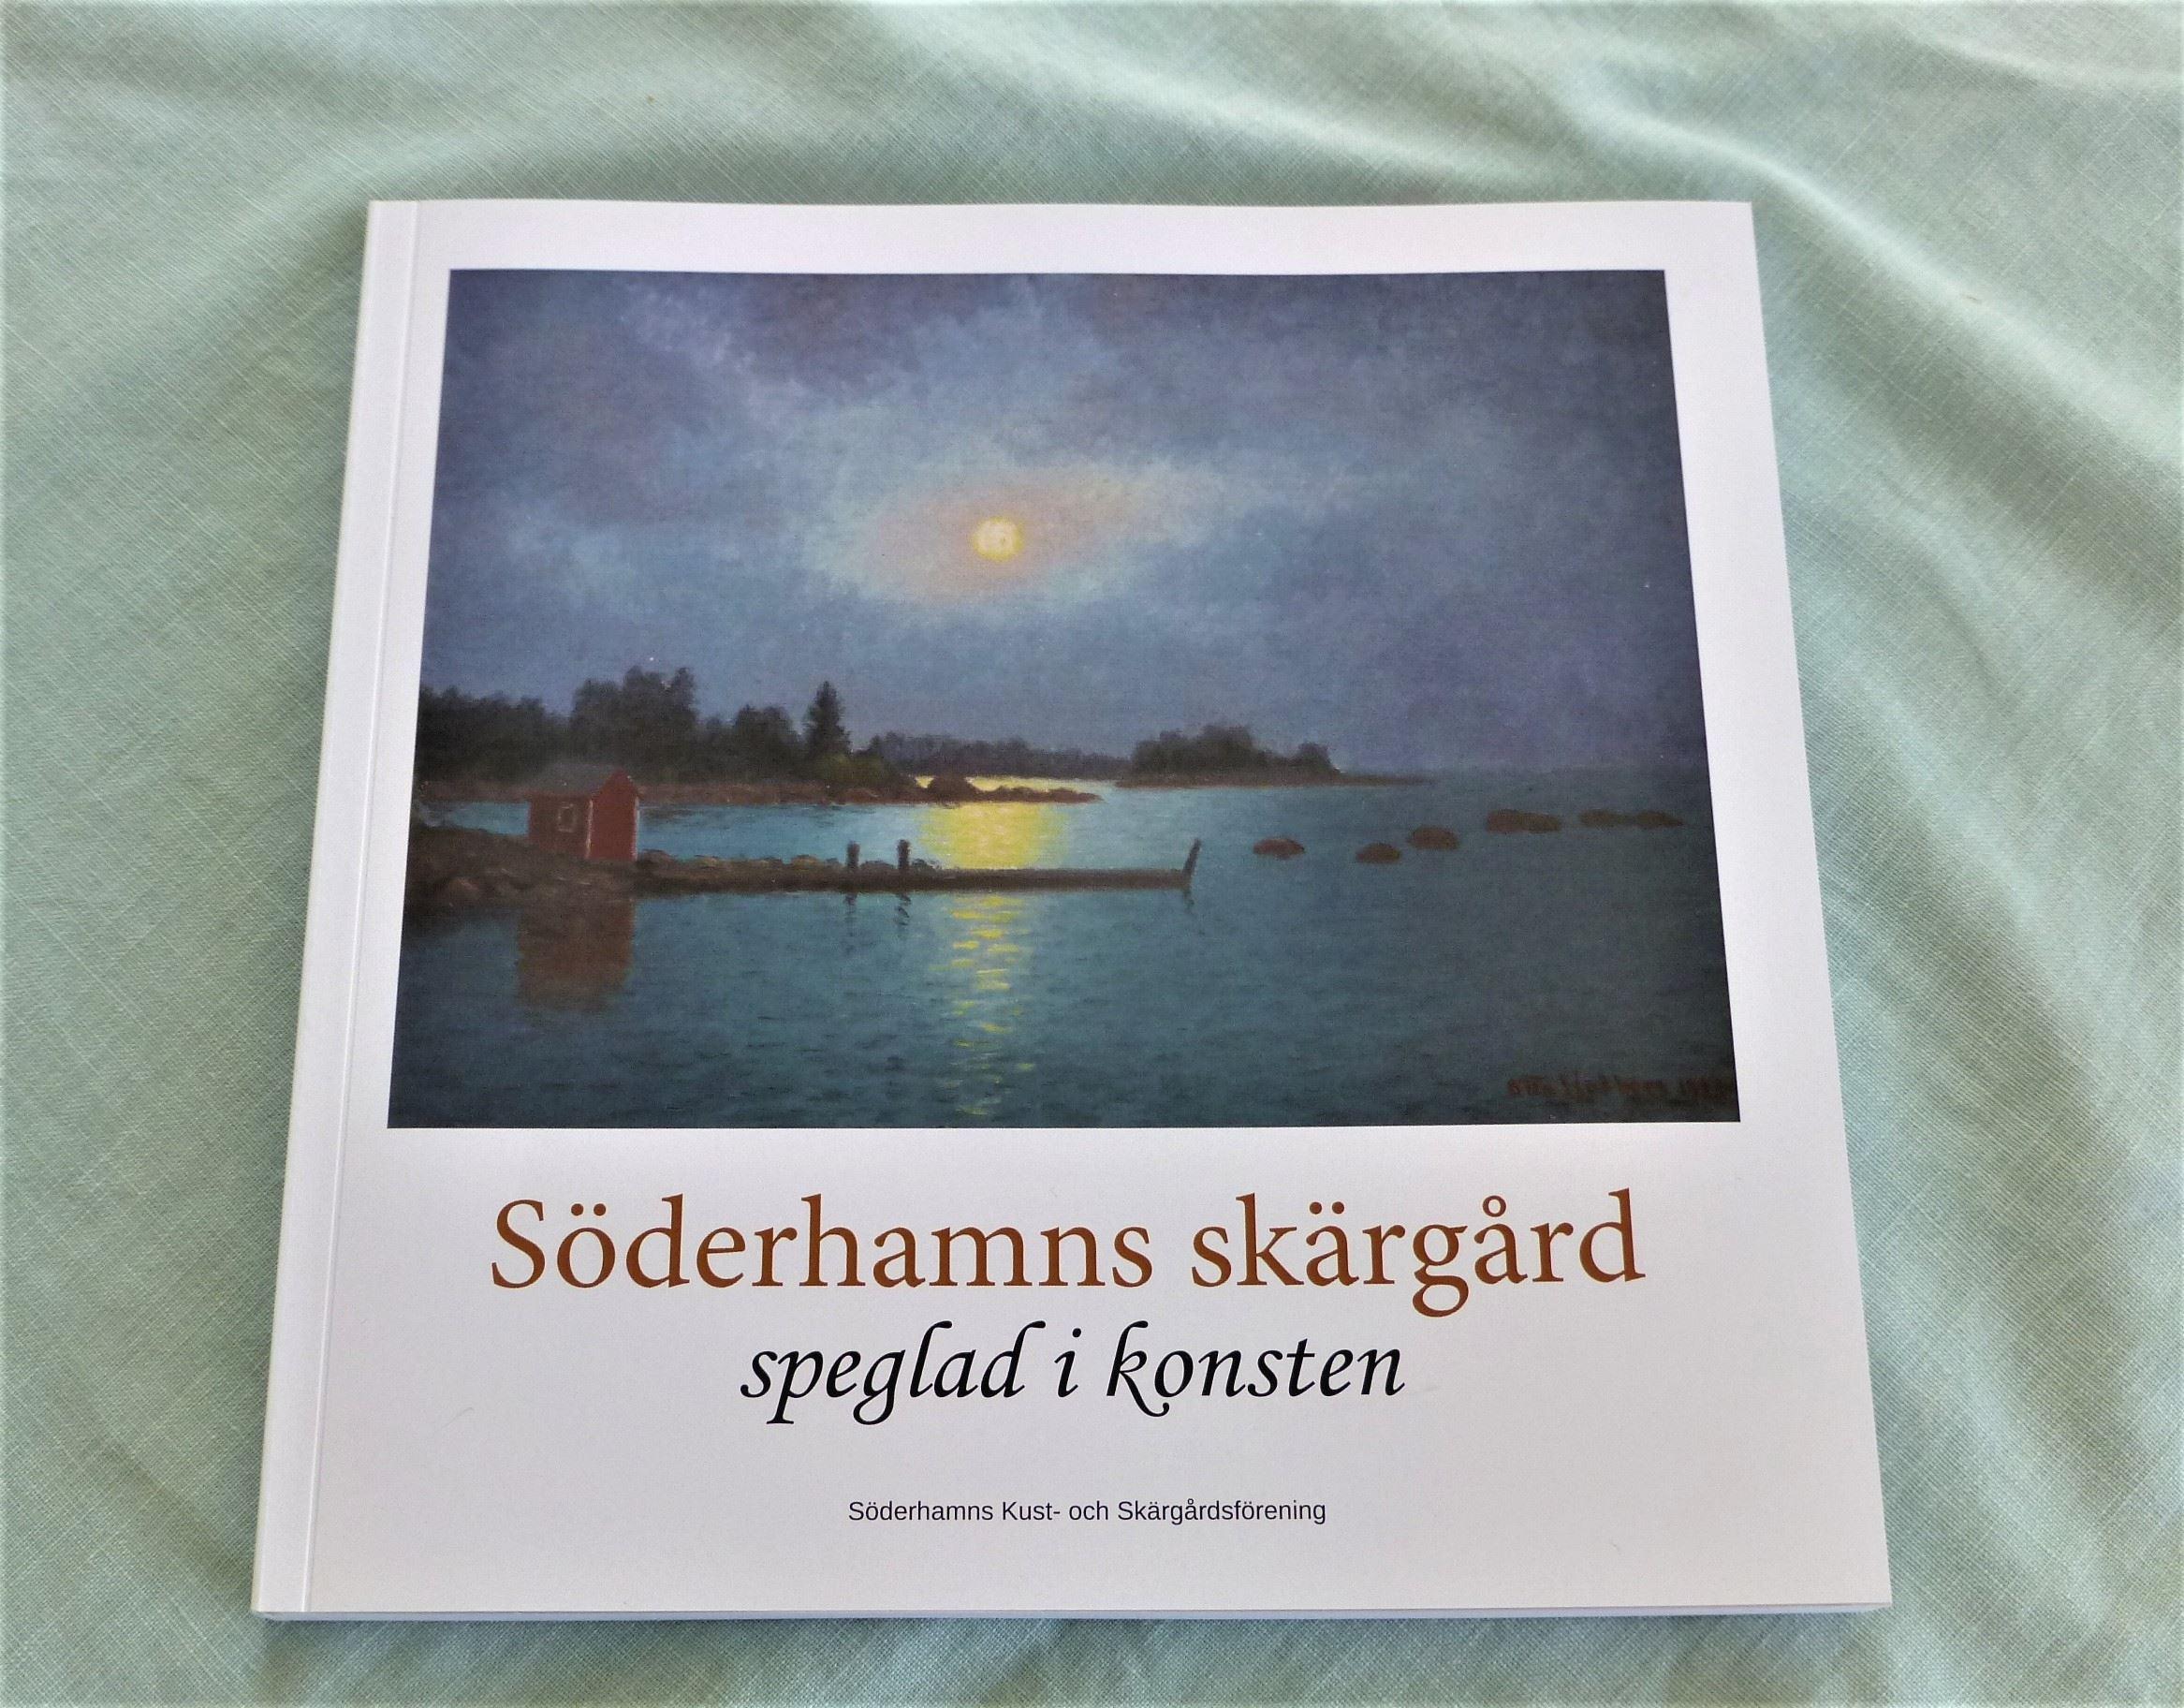 Söderhamns skärgård speglad i konsten